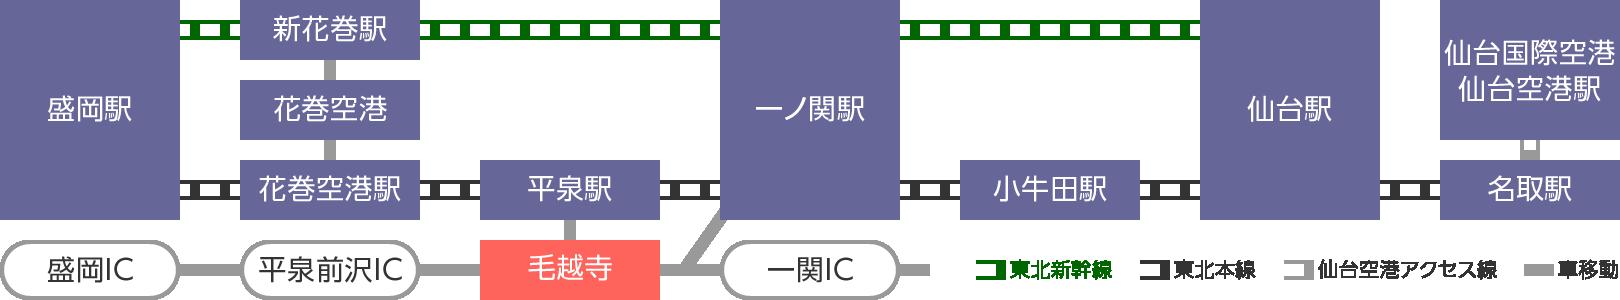 世界遺産「天台宗 別格本山 毛越寺」